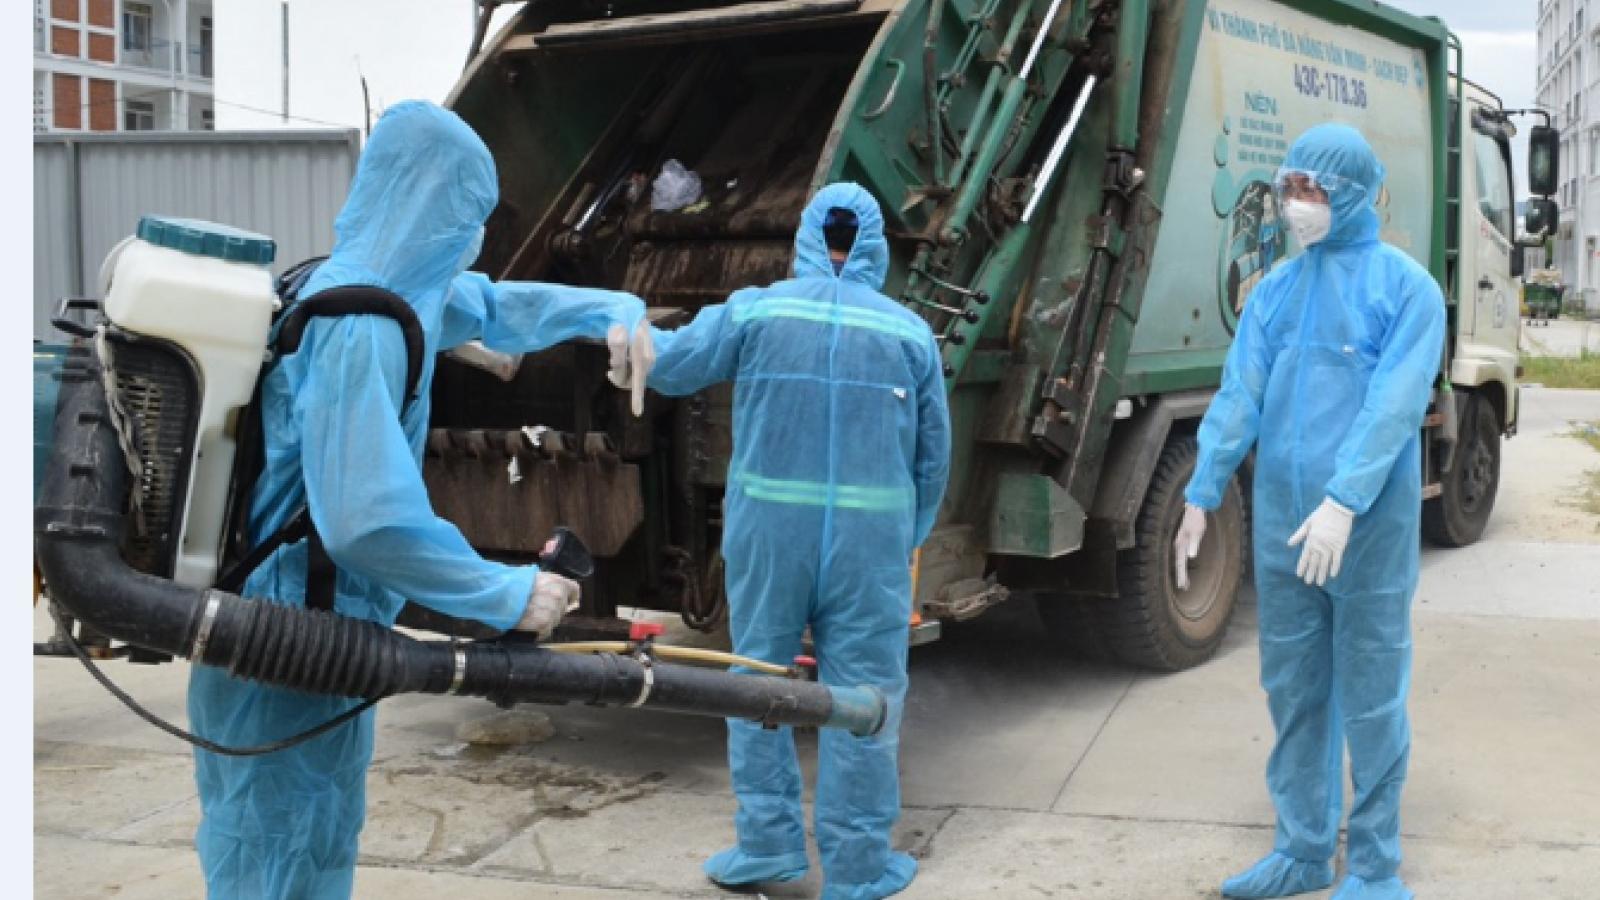 Công nhân thu gom rác ở Đà Nẵng được ưu tiên tiêm vaccine, xét nghiệm 3 ngày/lần